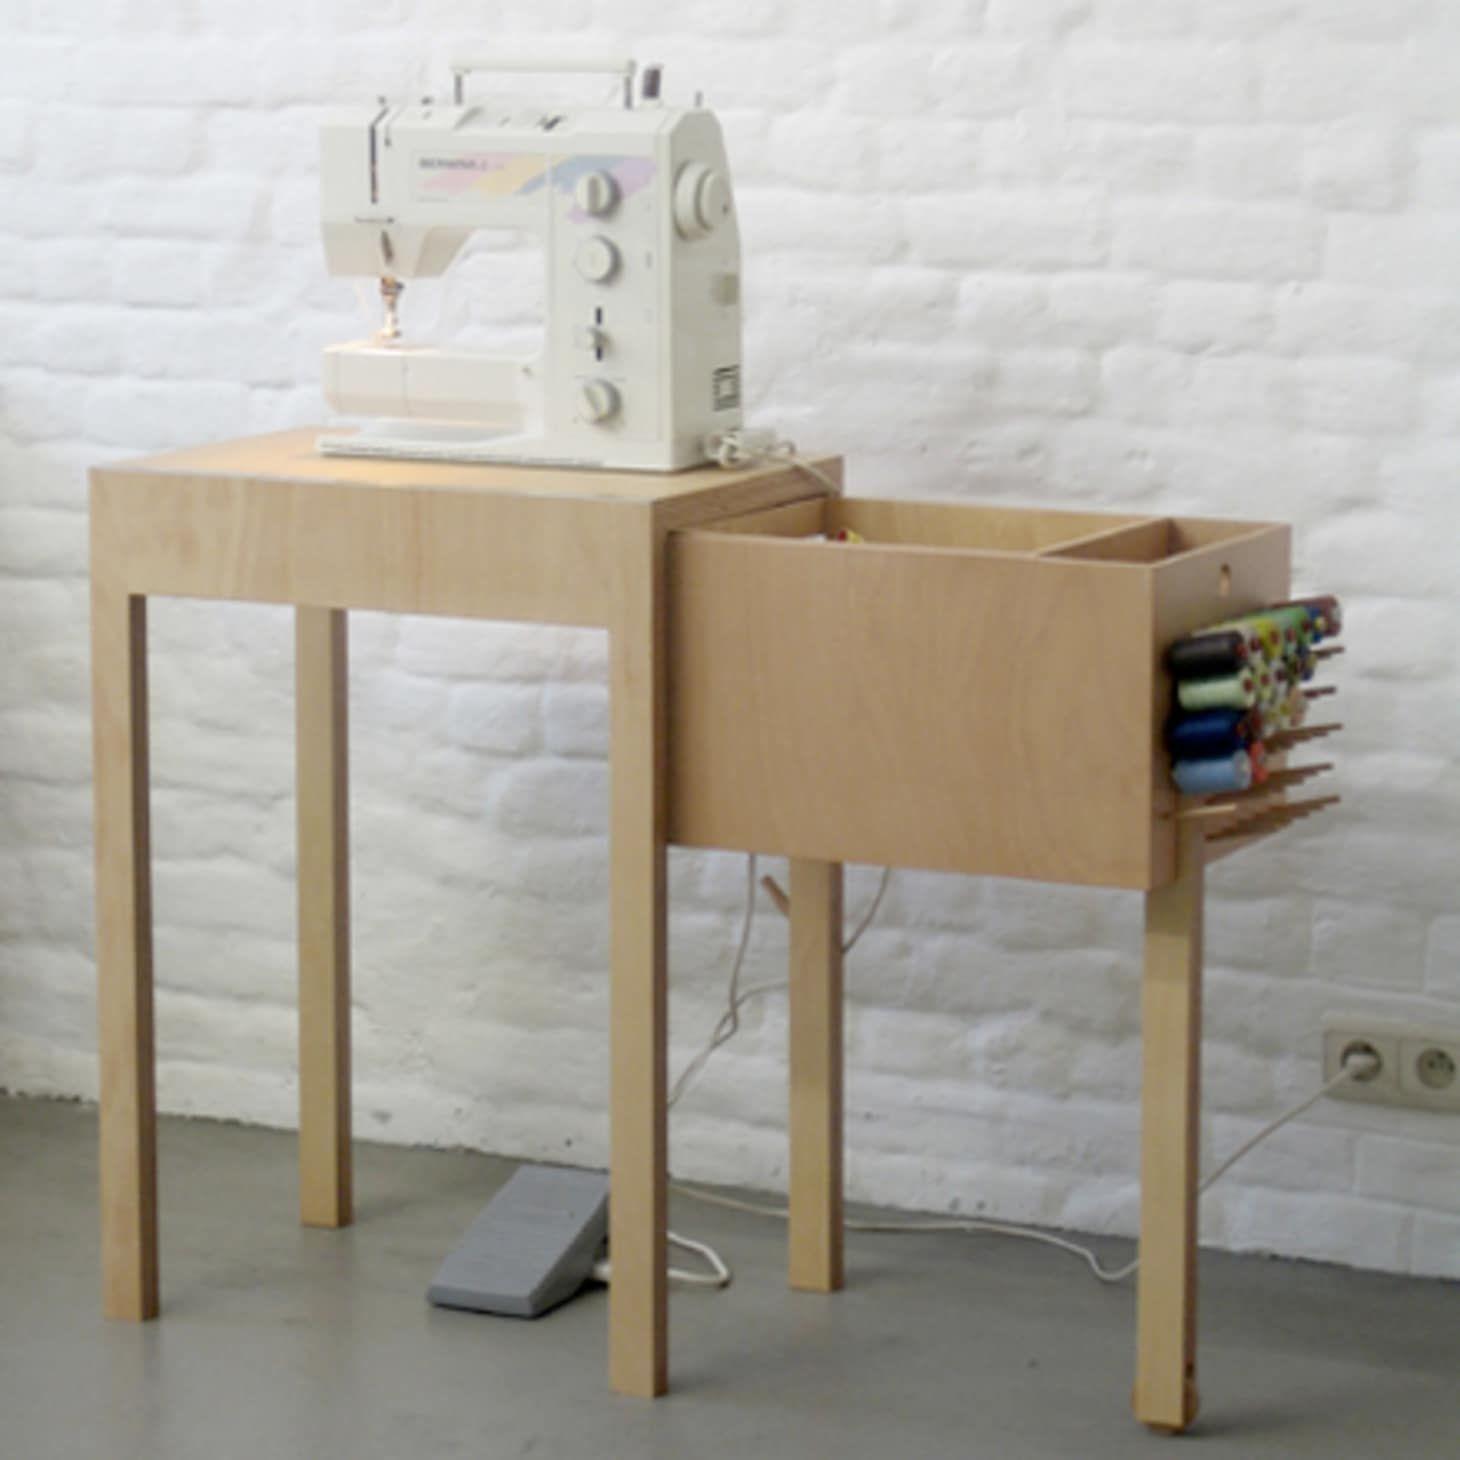 Diy Desk Ideas From Lamaisondemarina Ideen Tisch